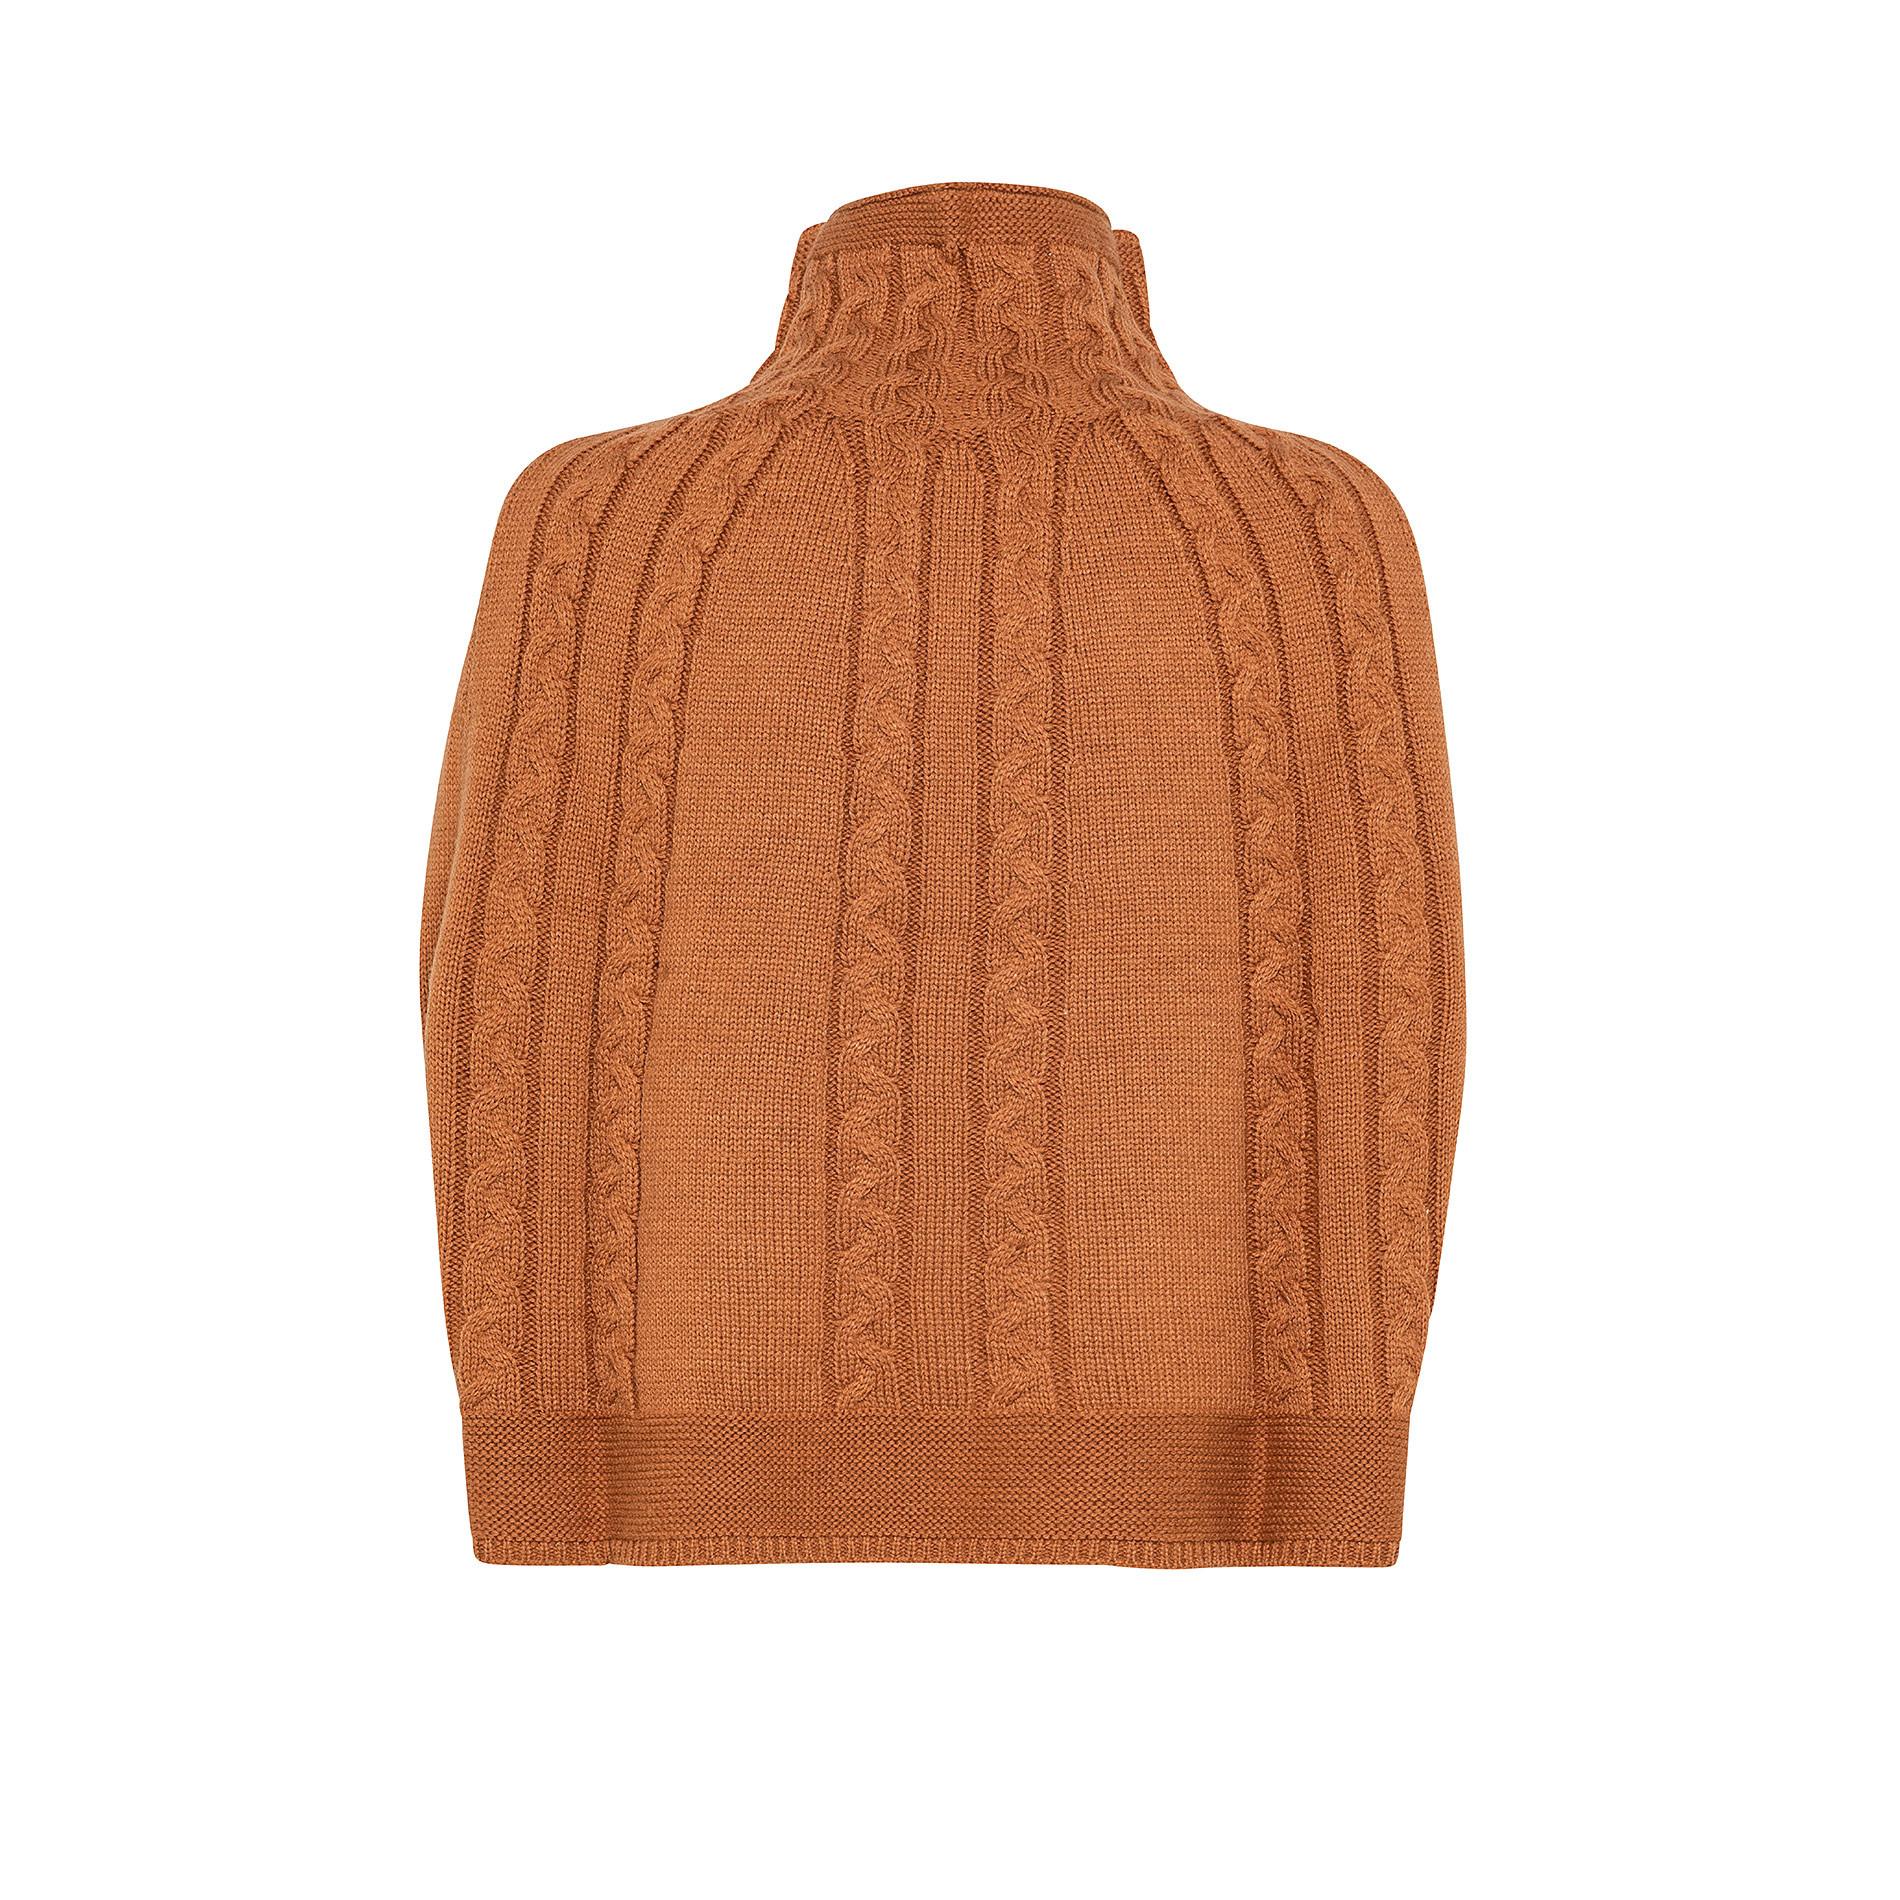 Sciarpa poncho in maglia a trecce Koan, Giallo, large image number 1